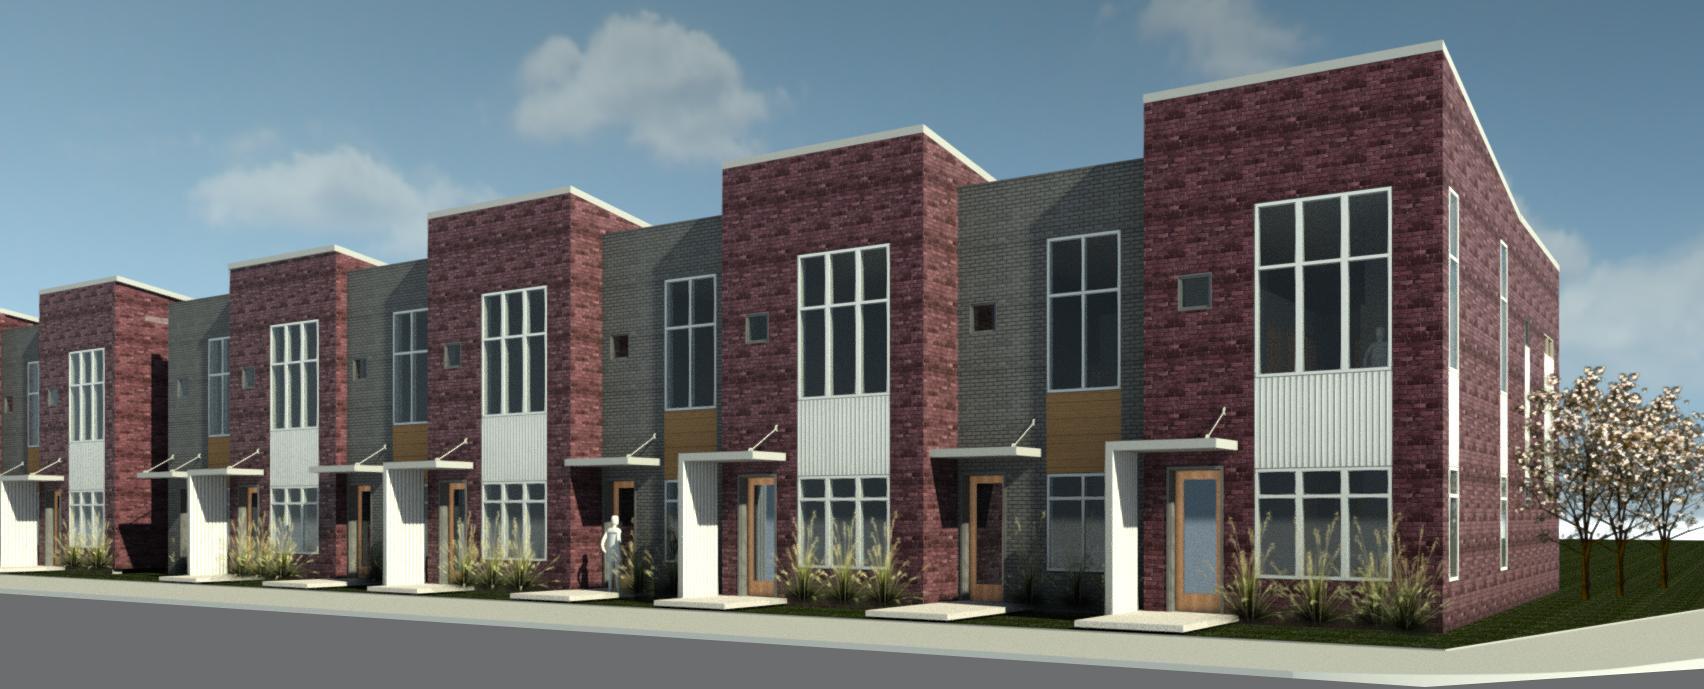 Apartment PCA Architecture